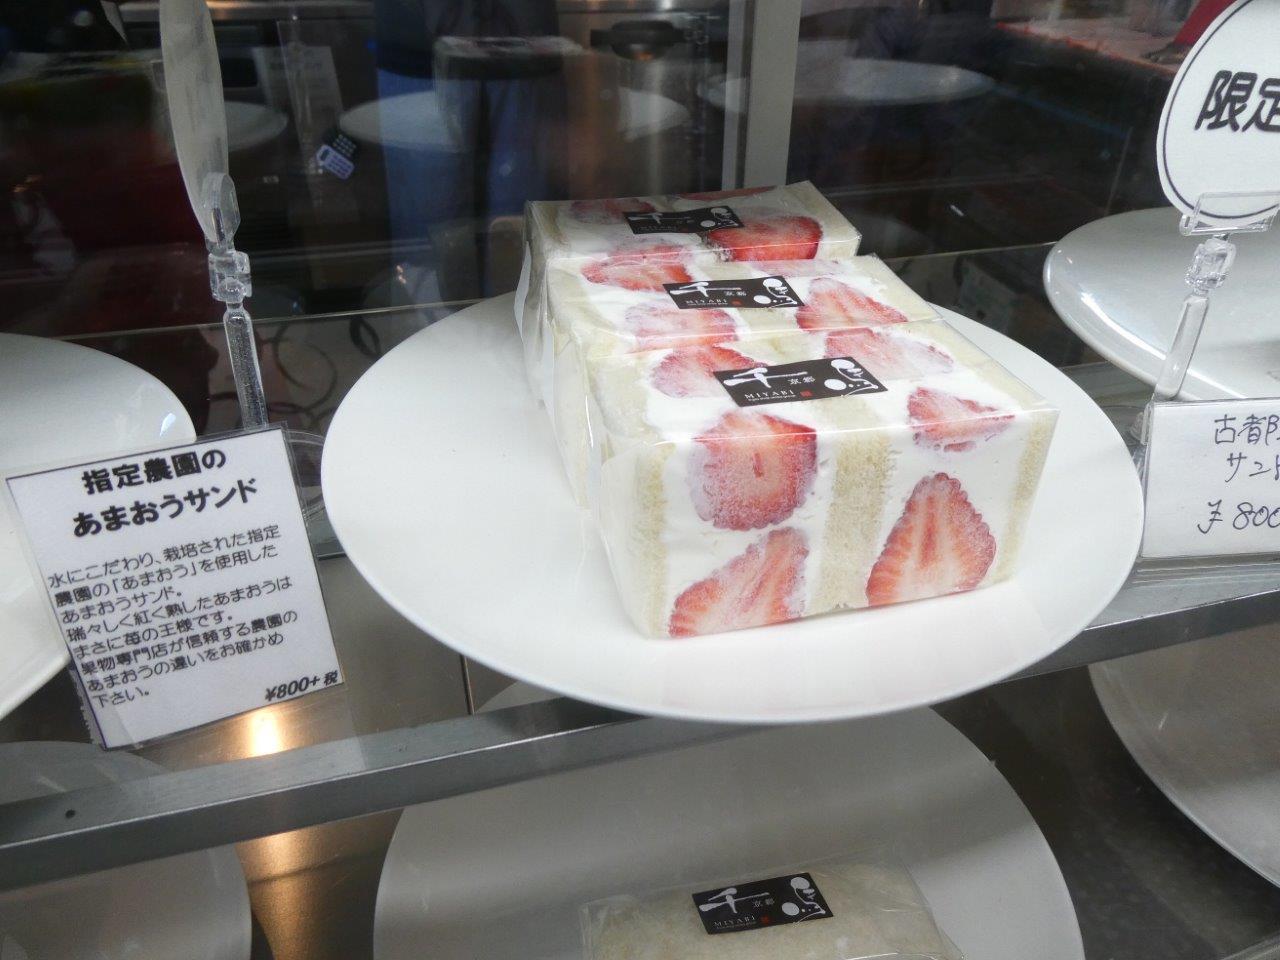 千馬ミヤビ (Miyabi)果物に精通した_d0106134_15594942.jpg